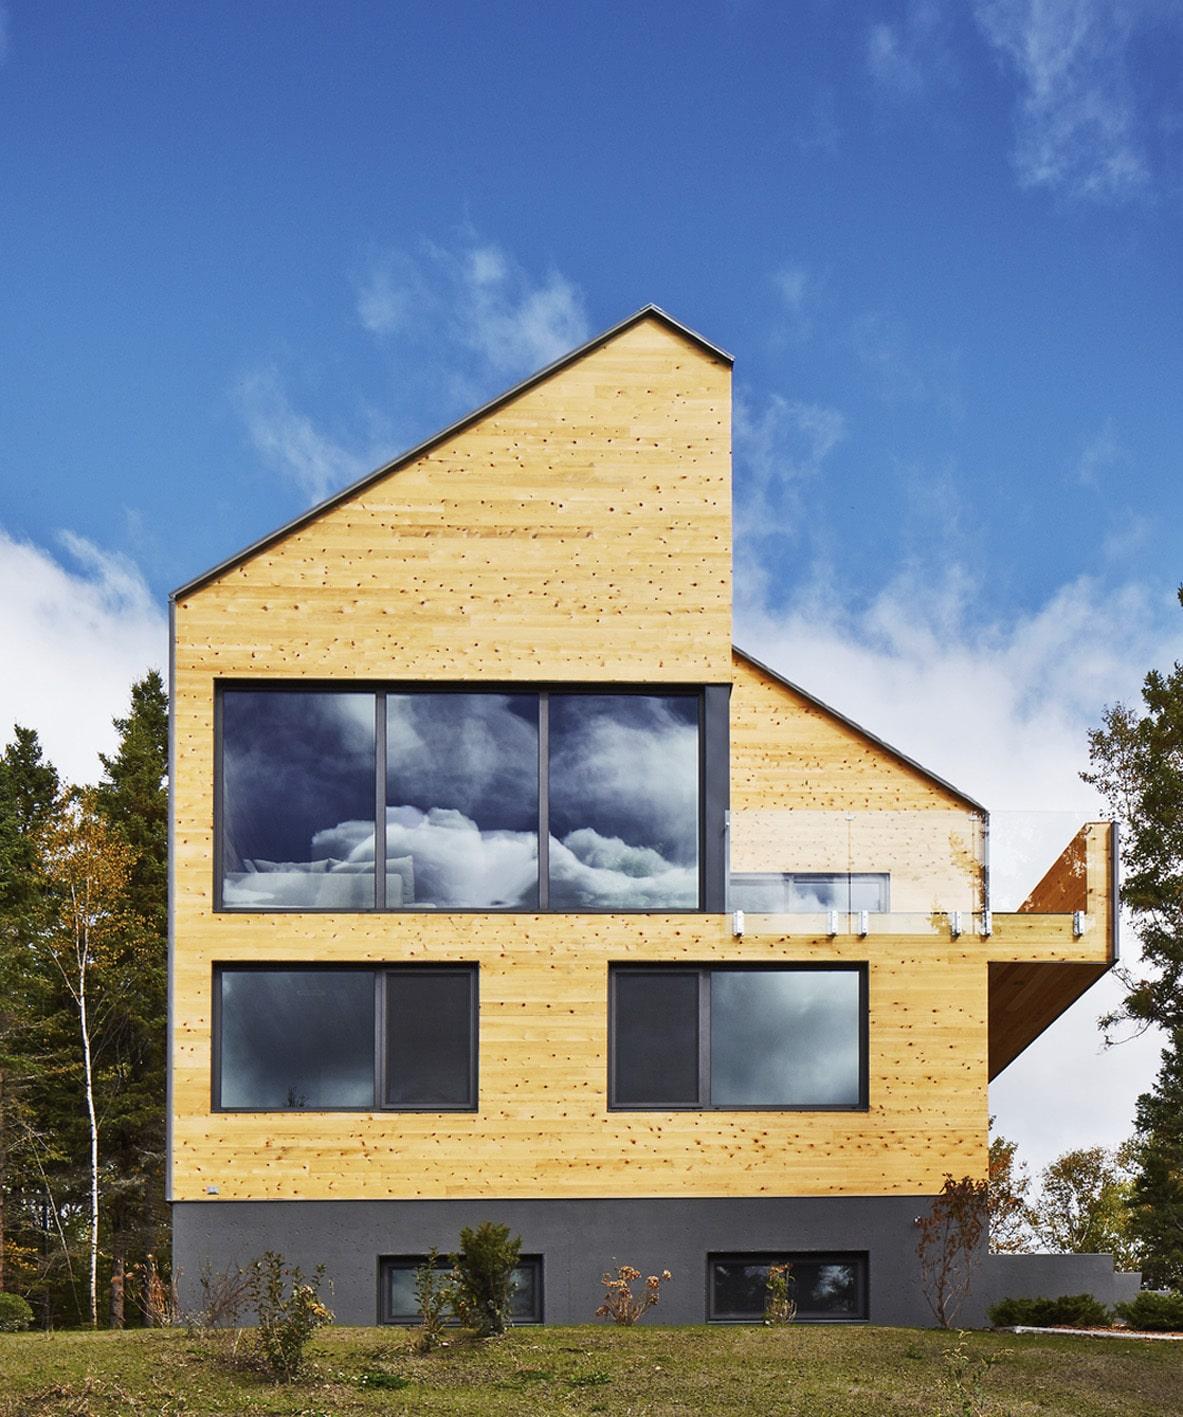 Diseño de casa moderna de dos pisos más sótano [Planos] | Construye ...